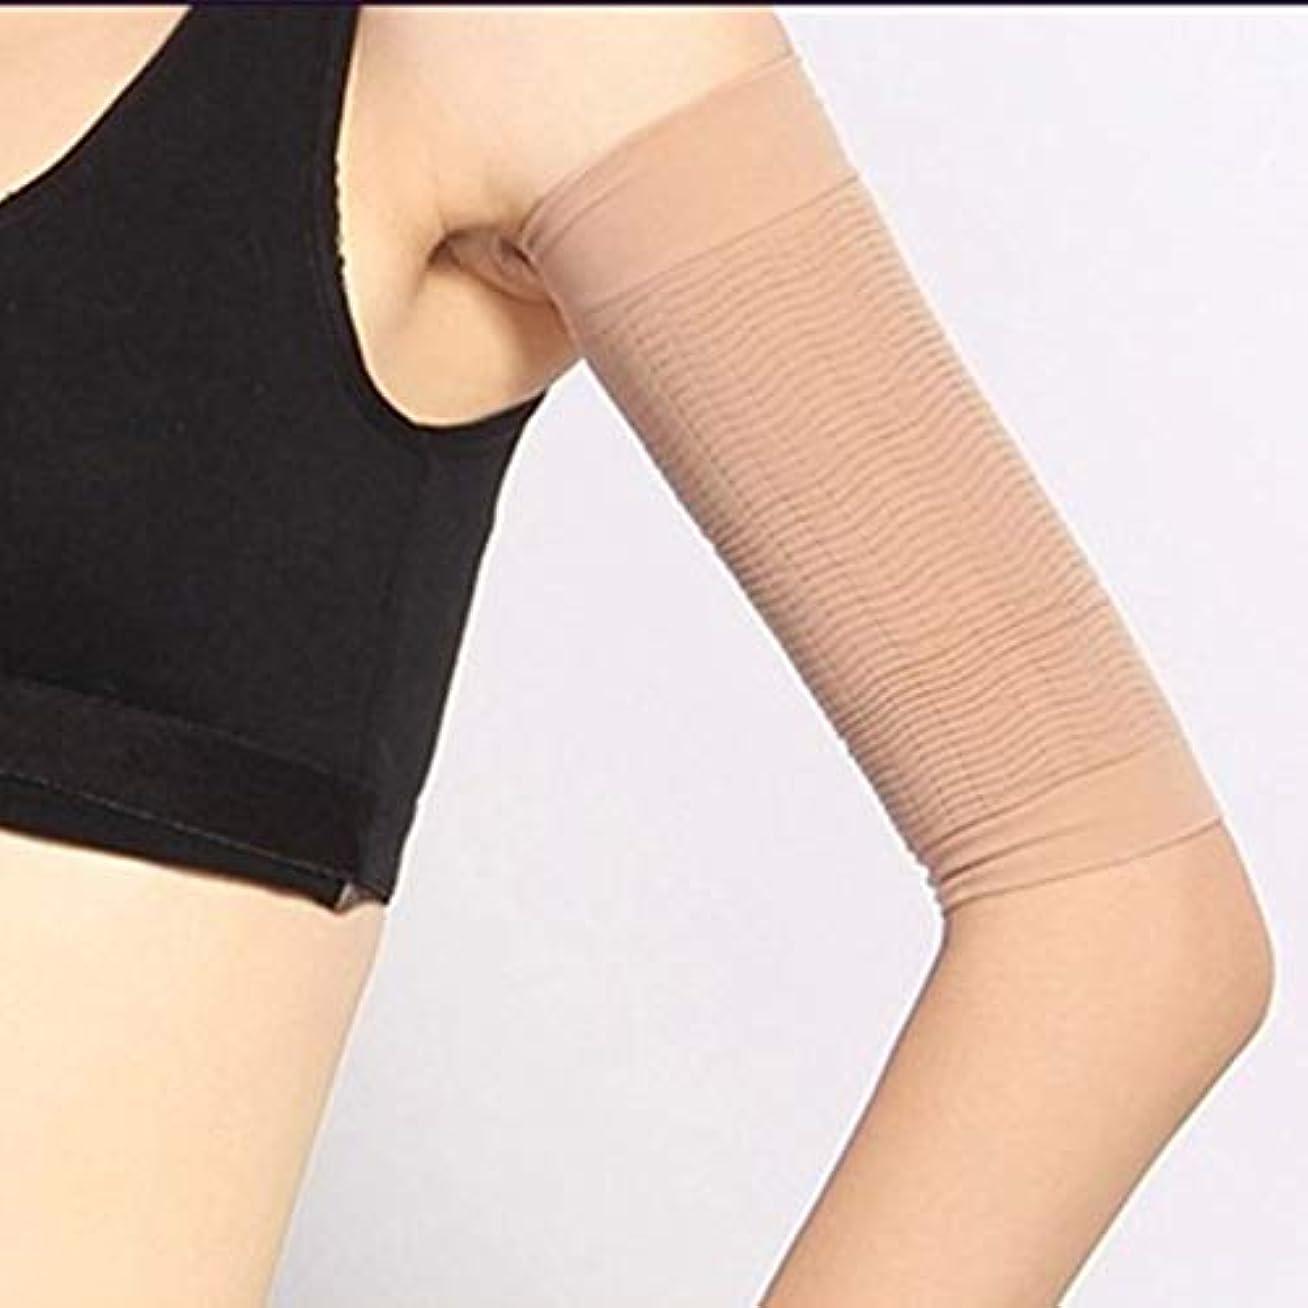 振り返る木曜日指1ペア420 D圧縮痩身アームスリーブワークアウトトーニングバーンセルライトシェイパー脂肪燃焼袖用女性 - 肌色